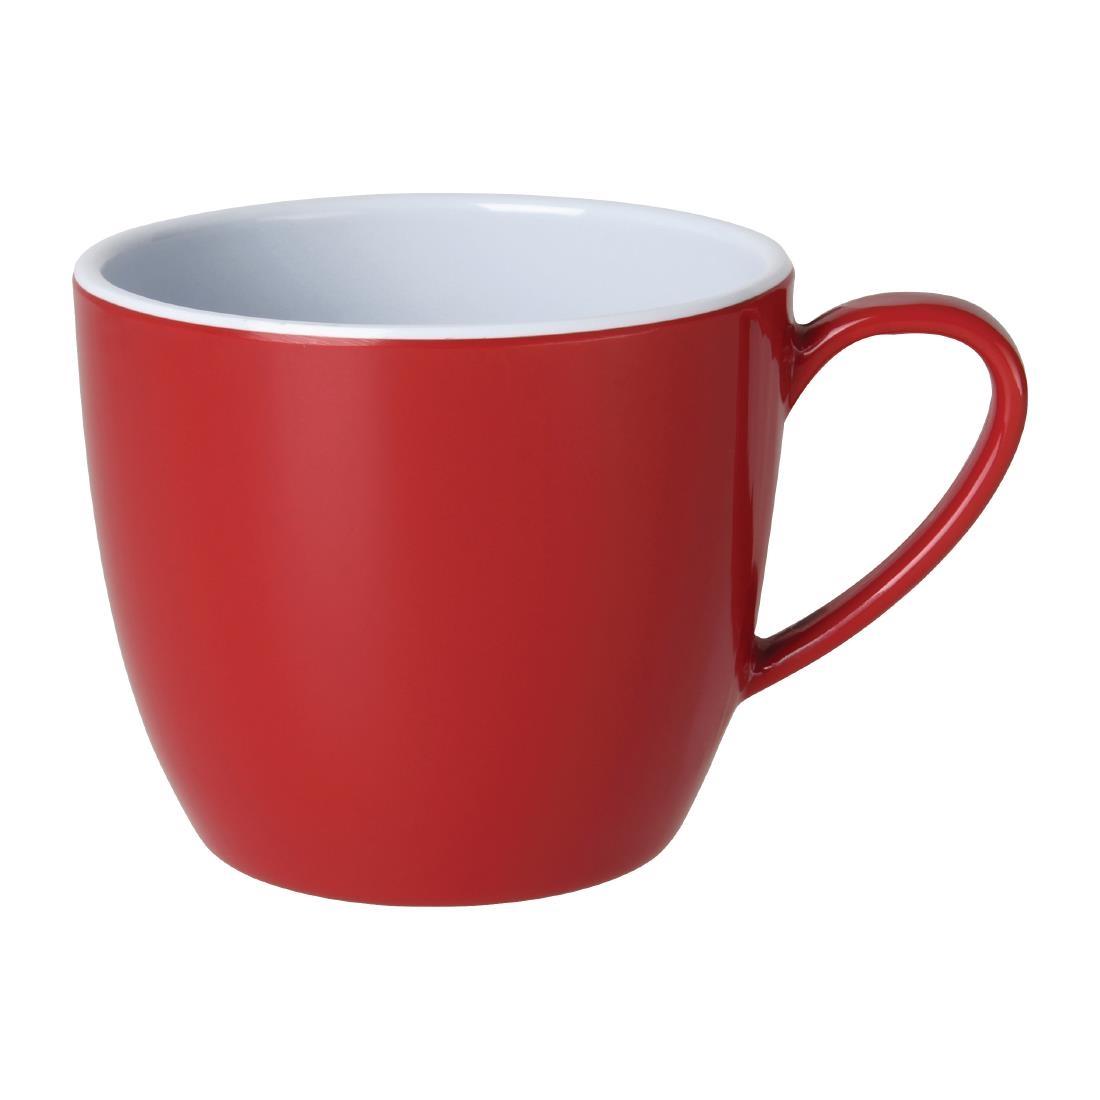 Gala Mug - Red